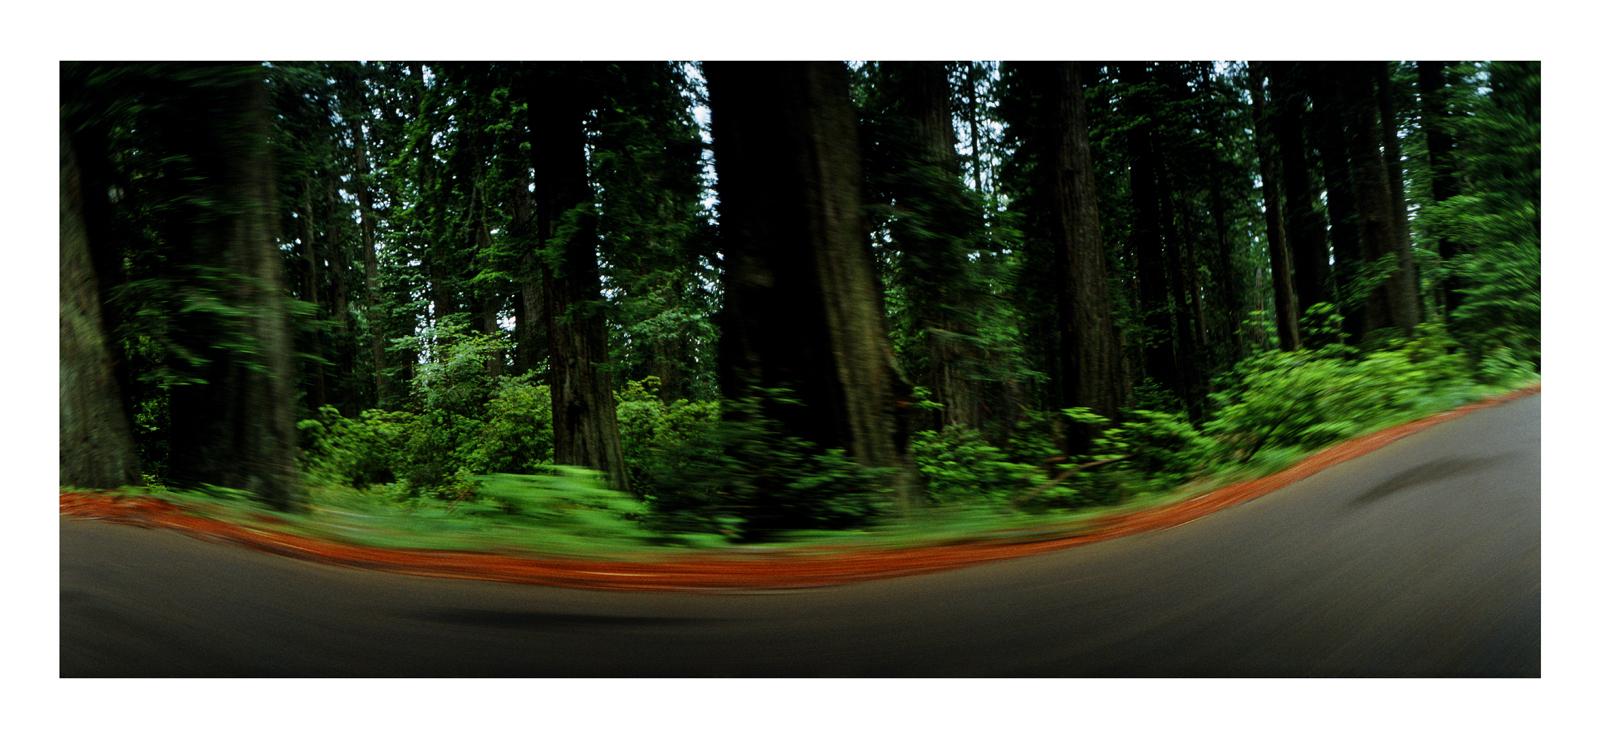 Roadscape #178, California, 1992